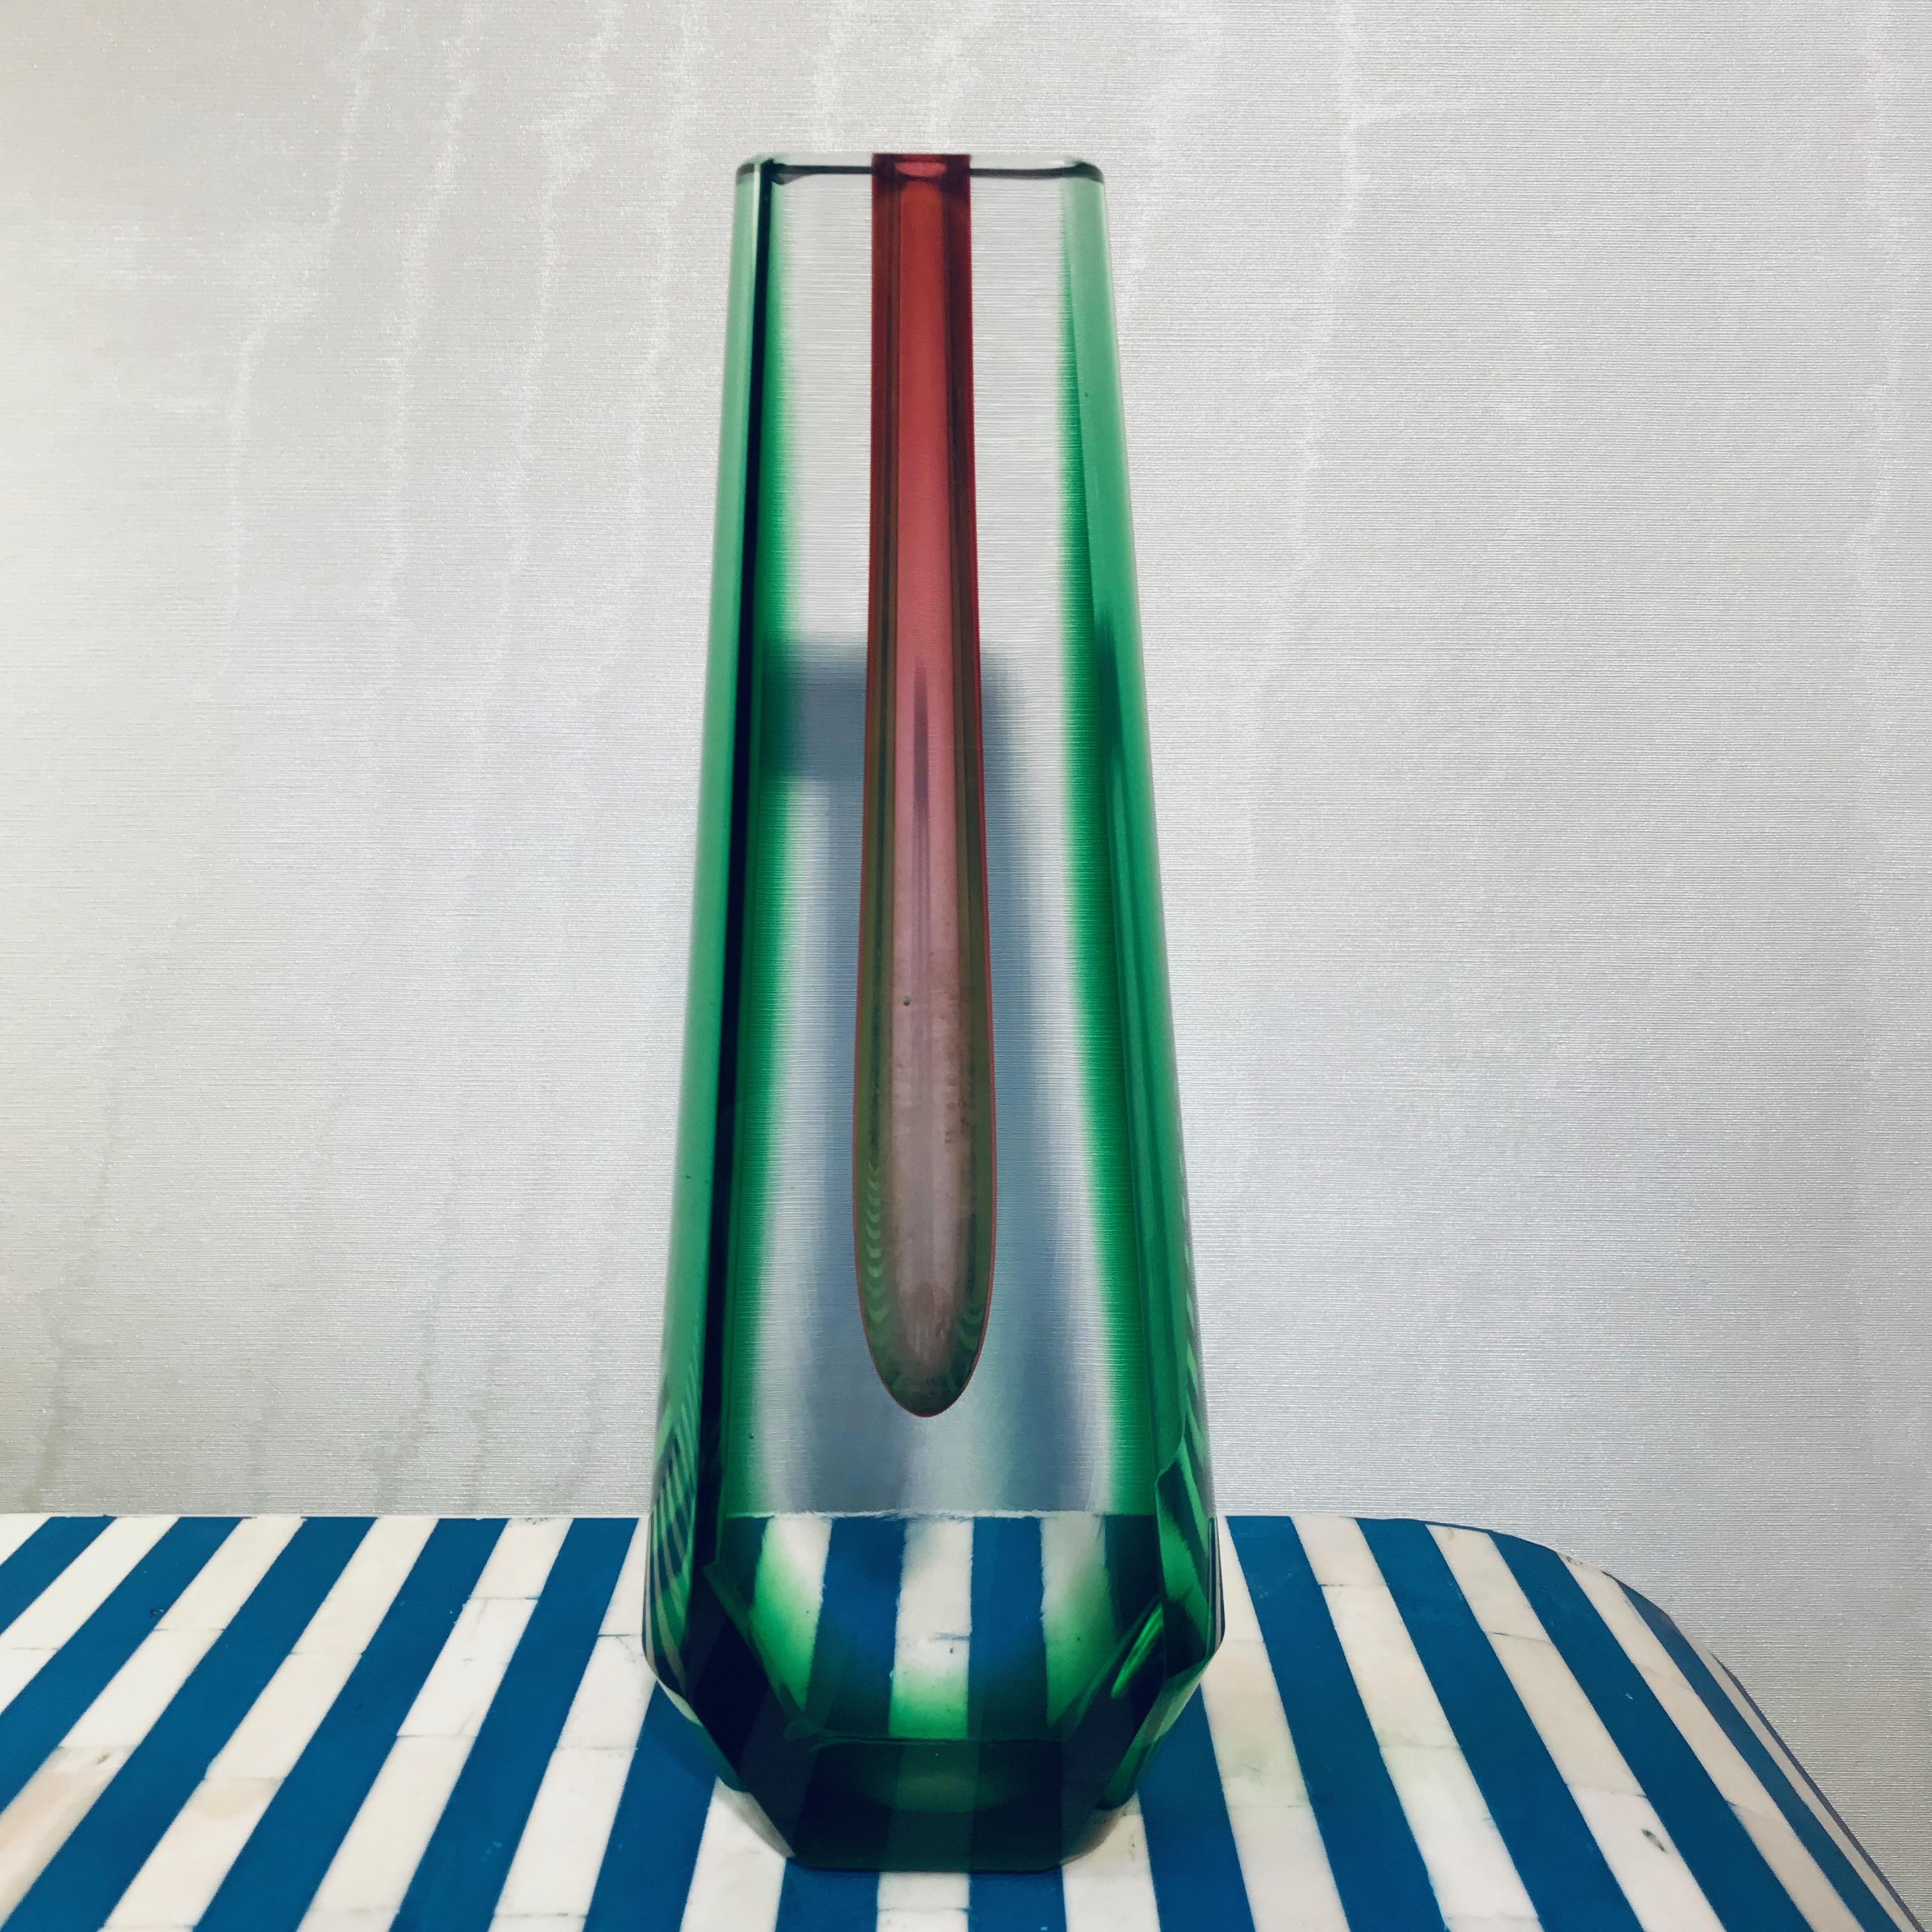 Flavio Poli Green Vase